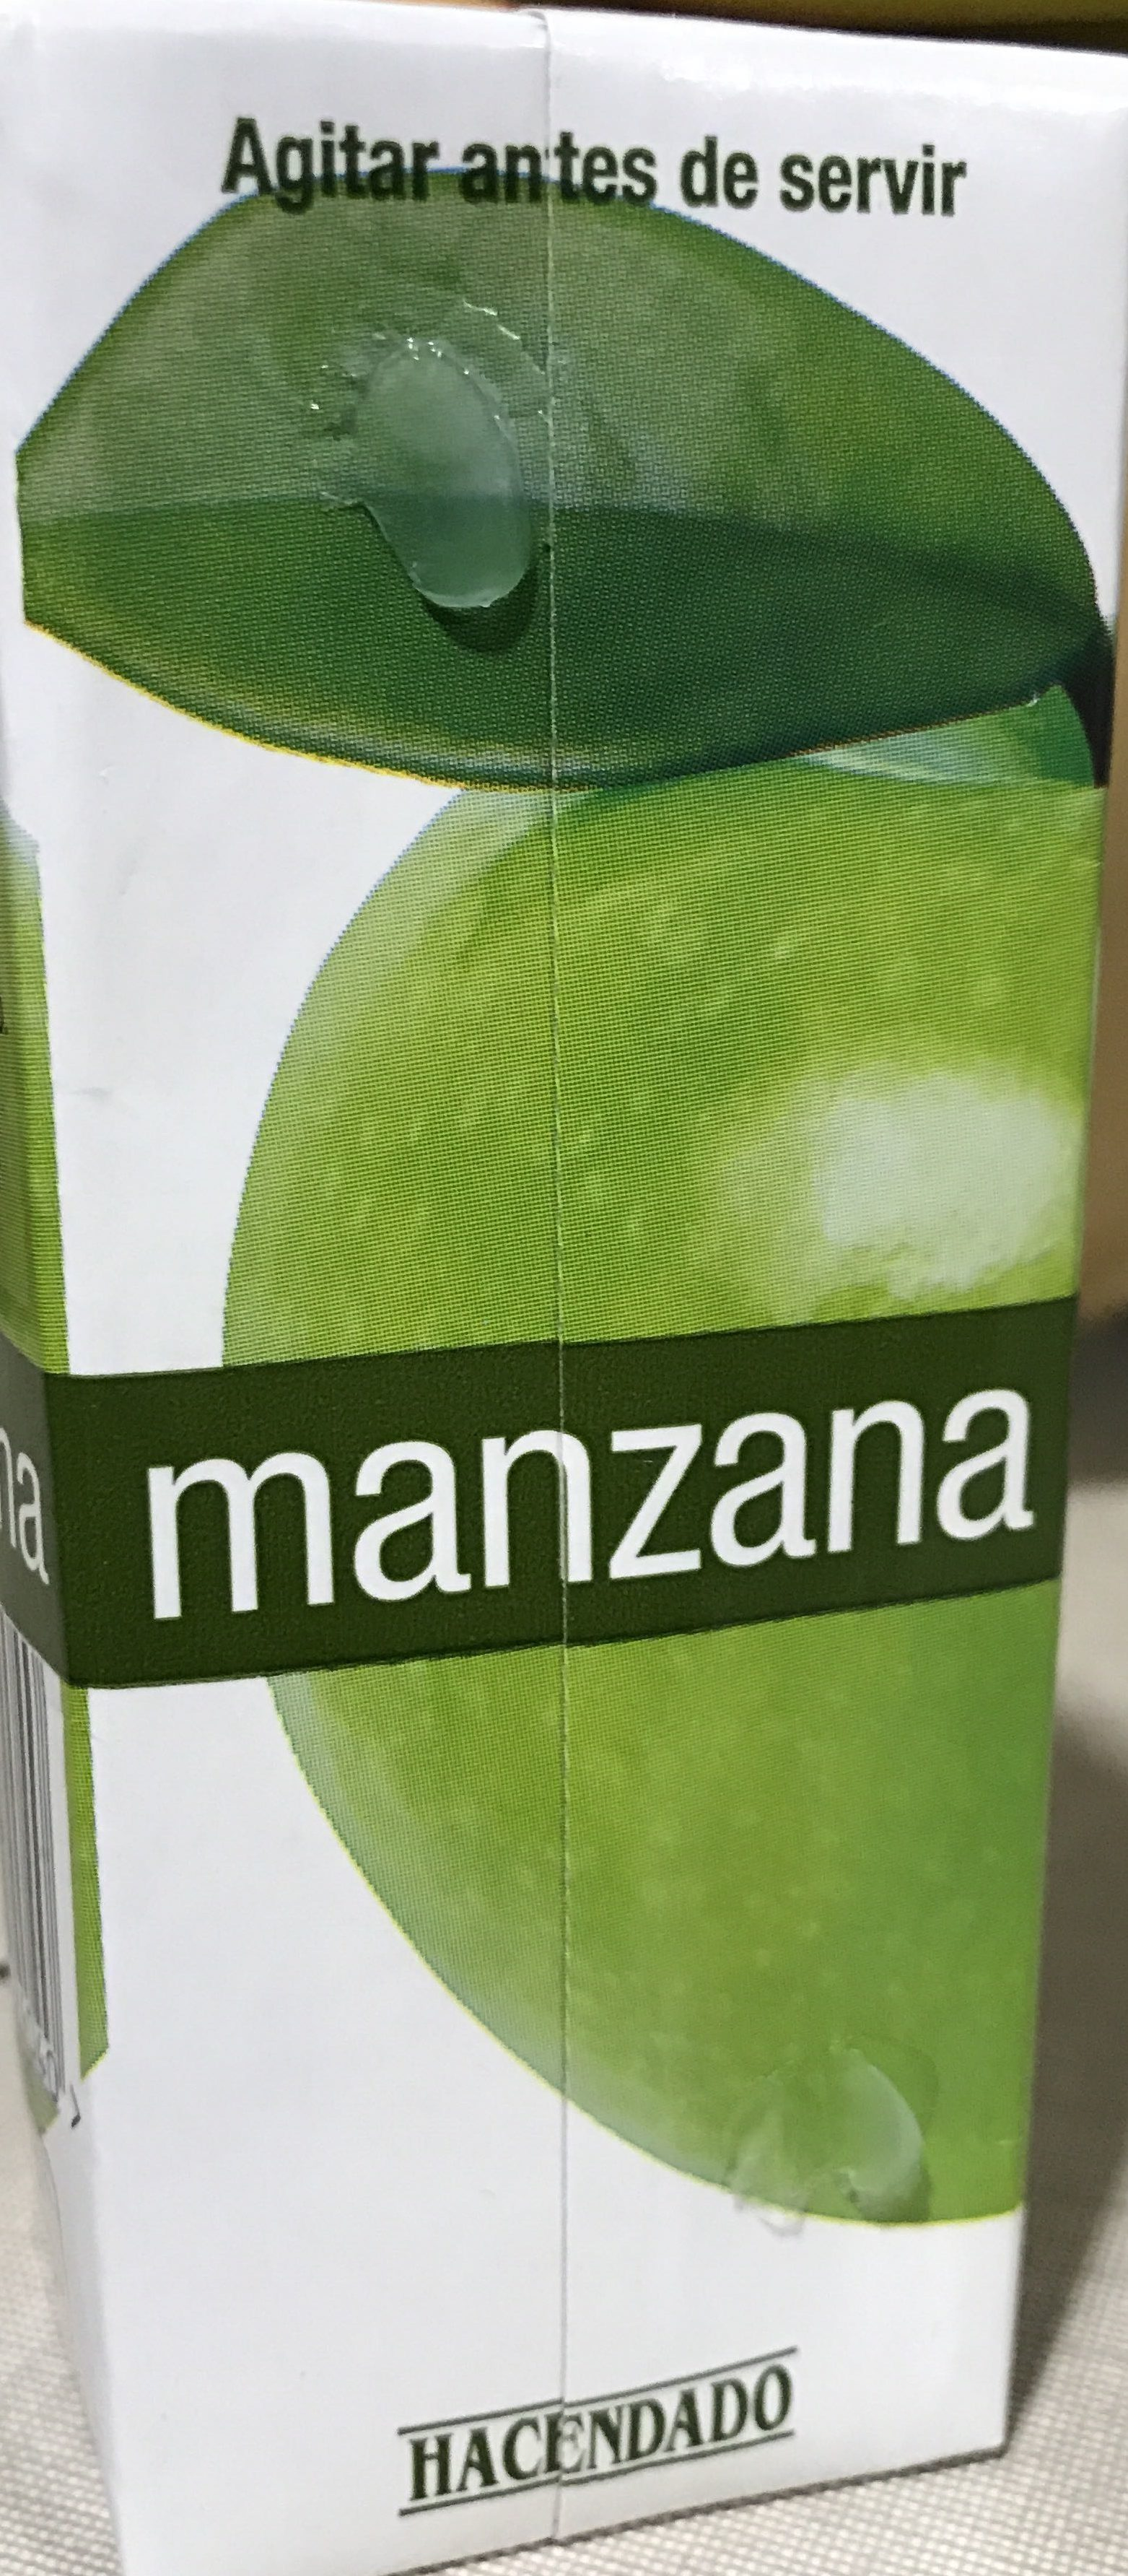 Zumo de manzana - Producte - es